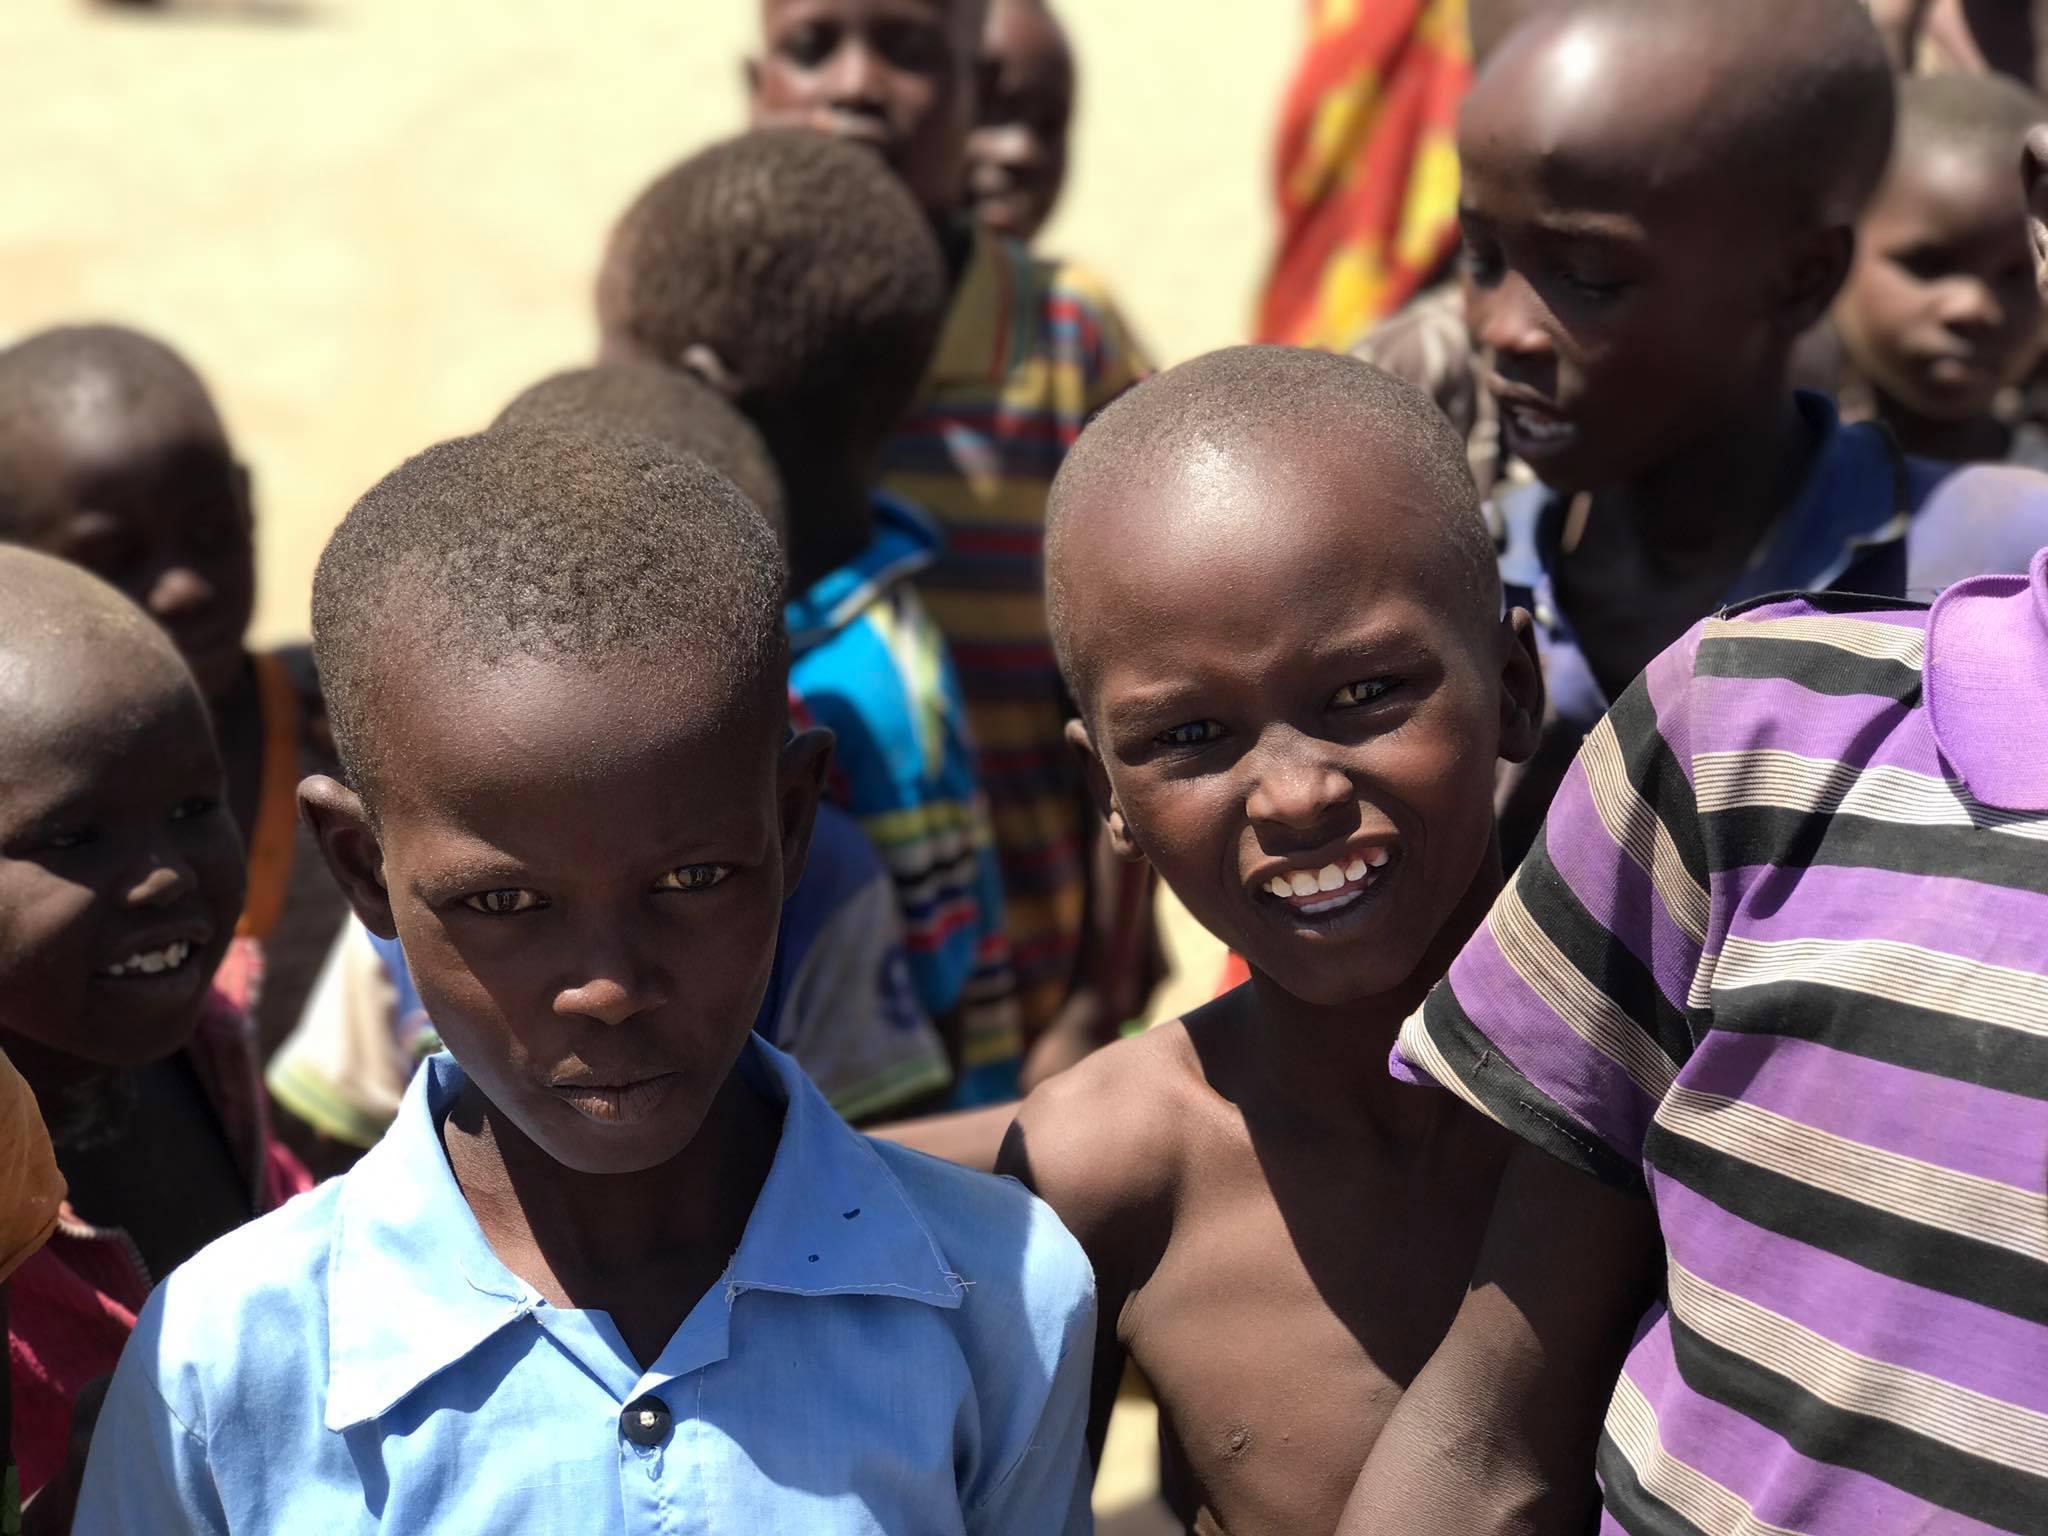 Пётр Дудник подробно о миссии в Африке